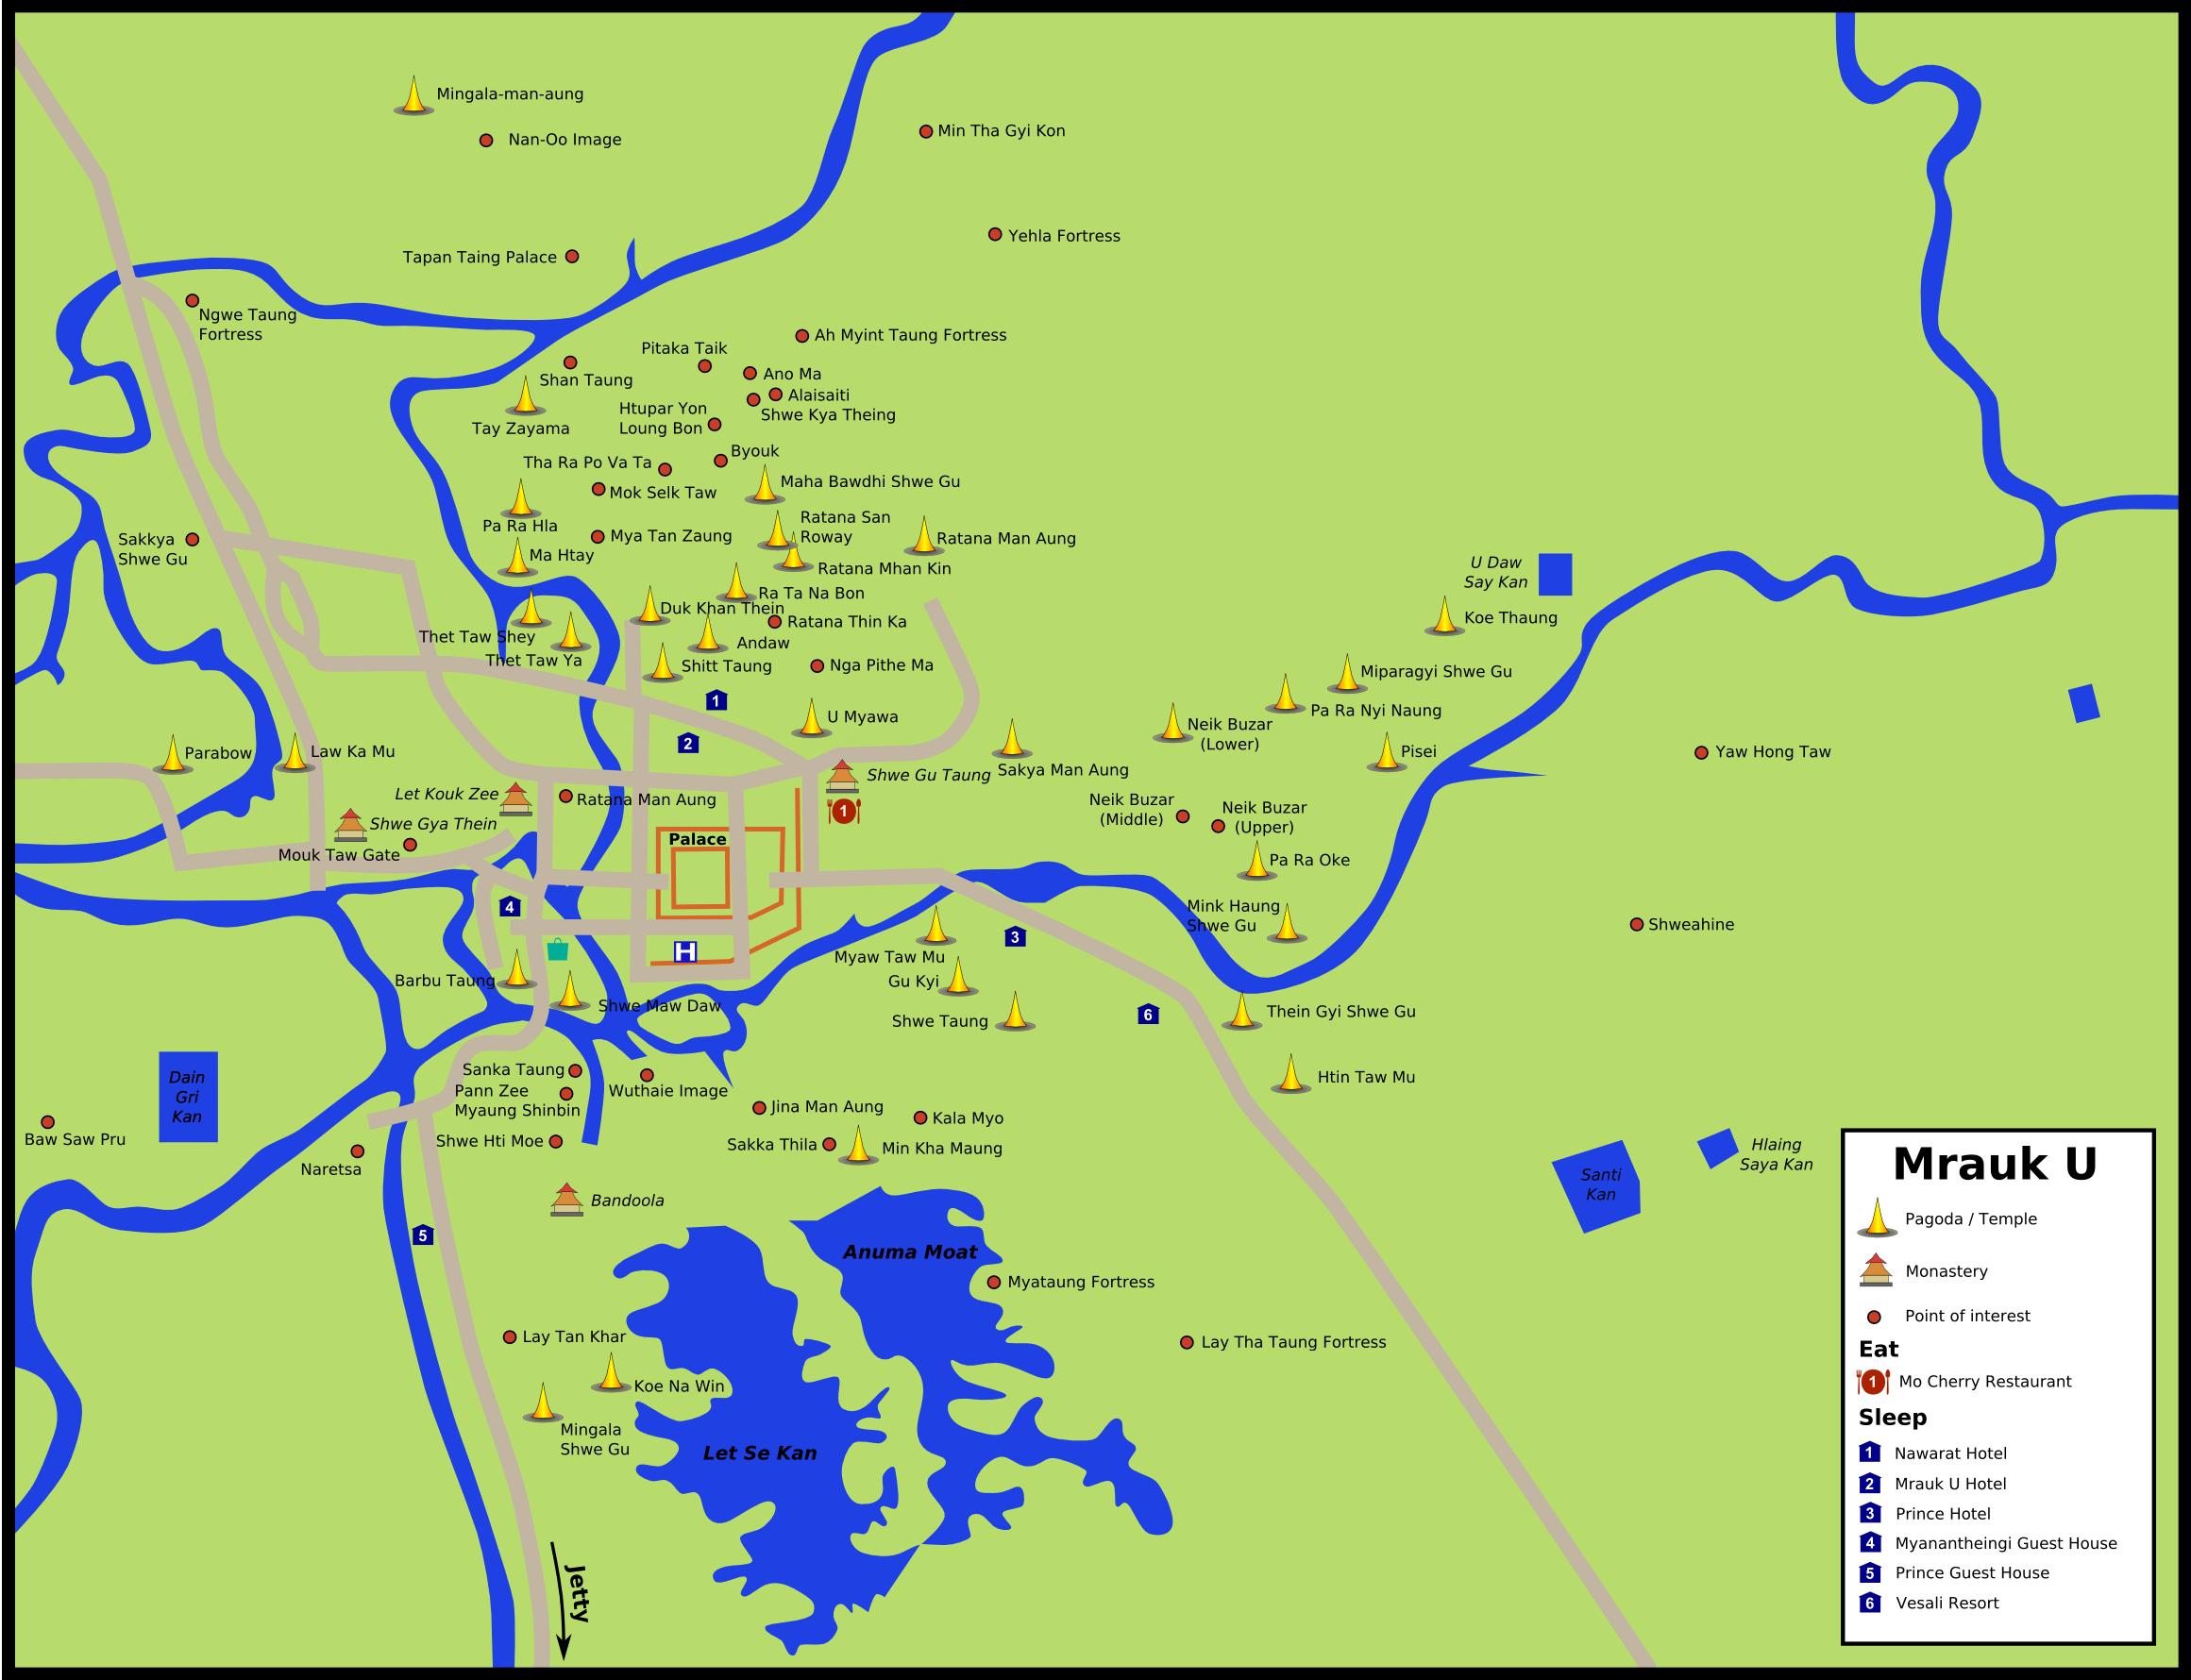 Карта достопримечательностей Мраук-У